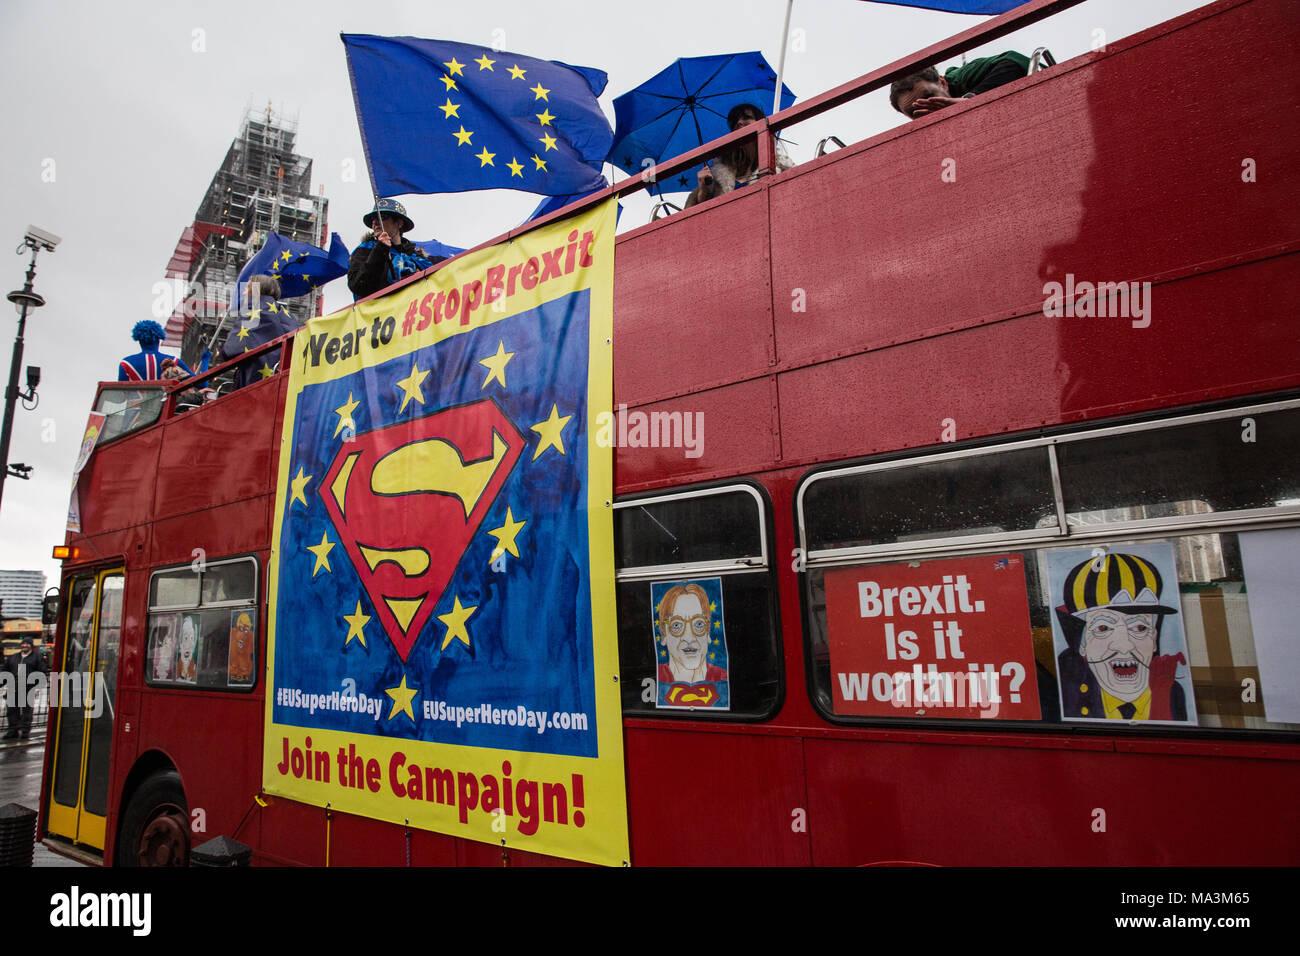 """London, Großbritannien. 29. März, 2018. Pro-EU-Aktivisten Protest gegenüber der Downing Street der erste Jahrestag der Auslösung der Artikel 50 und ein Jahr vor dem Beenden des Vereinigten Königreichs aus der Europäischen Union, oder Brexit zu markieren, wird festgelegt, stattfinden. Die Demonstranten verkleidet als """"EU-Super Heroes' und 'Brexit Schurken'. Credit: Mark Kerrison/Alamy leben Nachrichten Stockfoto"""